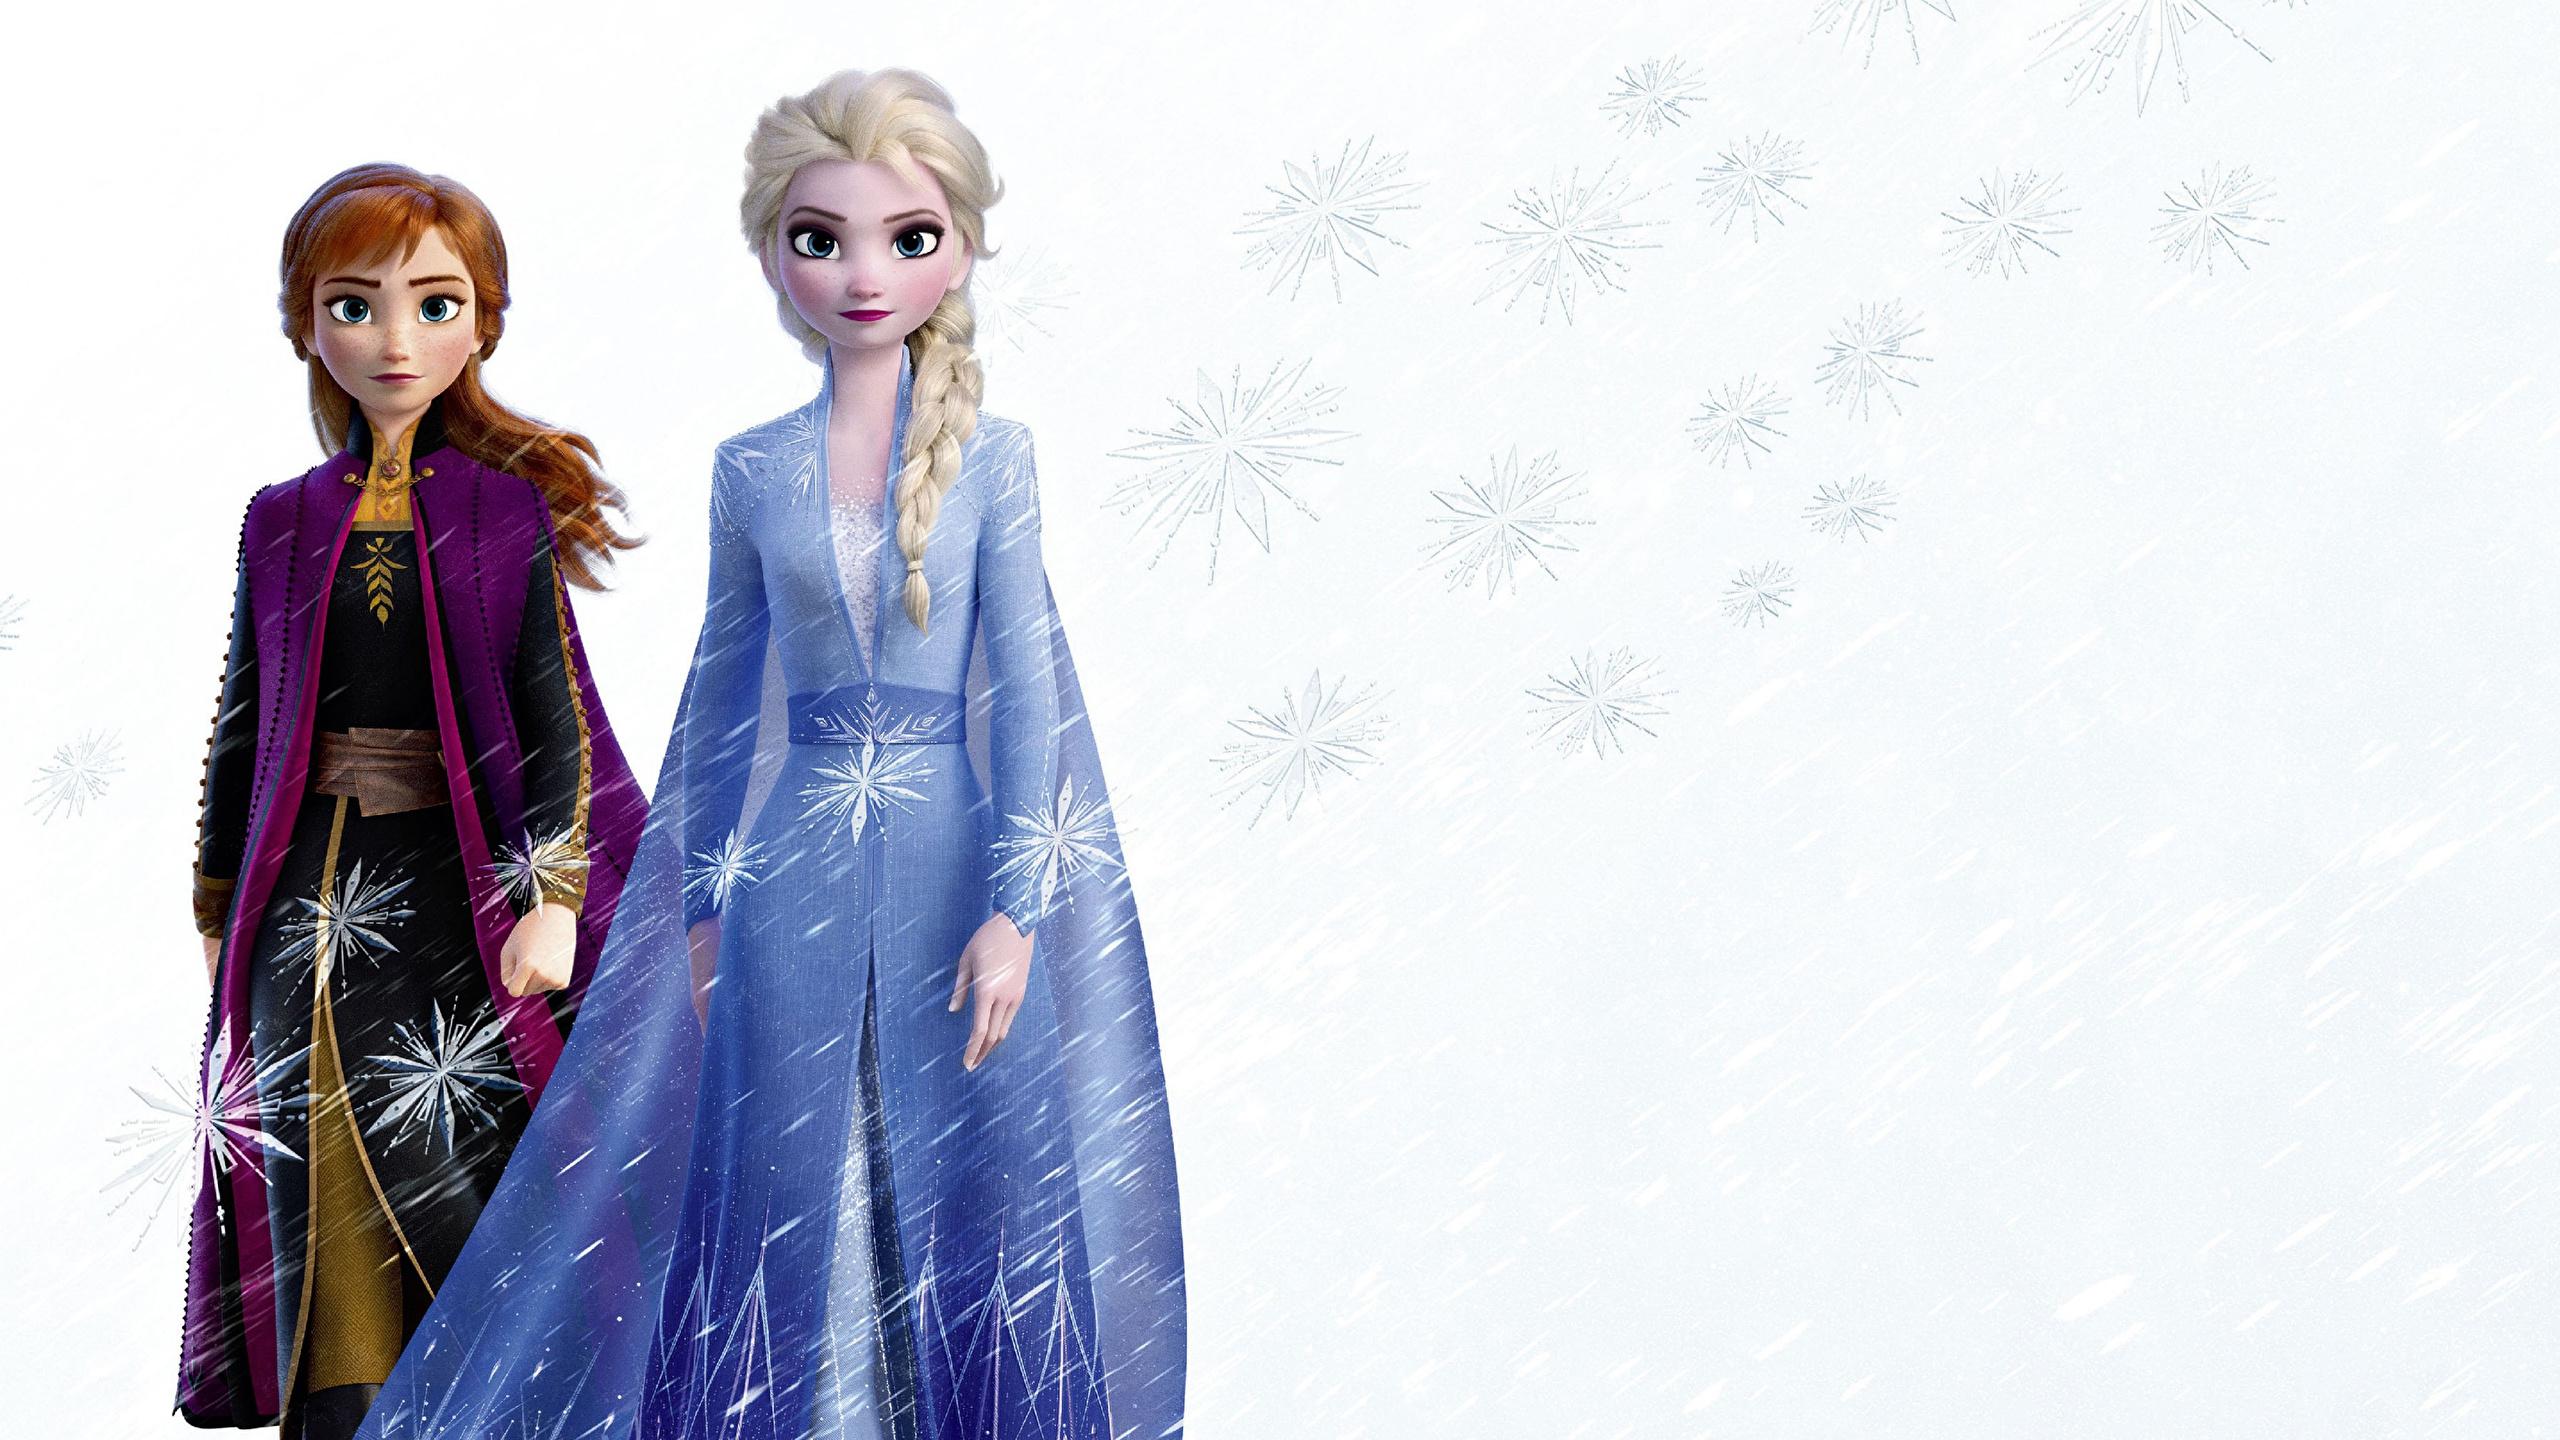 Картинка Дисней Холодное сердце косы Anna, Elsa 3д Мультики молодые женщины 2560x1440 Disney Коса косички мультик девушка Девушки 3D Графика Мультфильмы молодая женщина